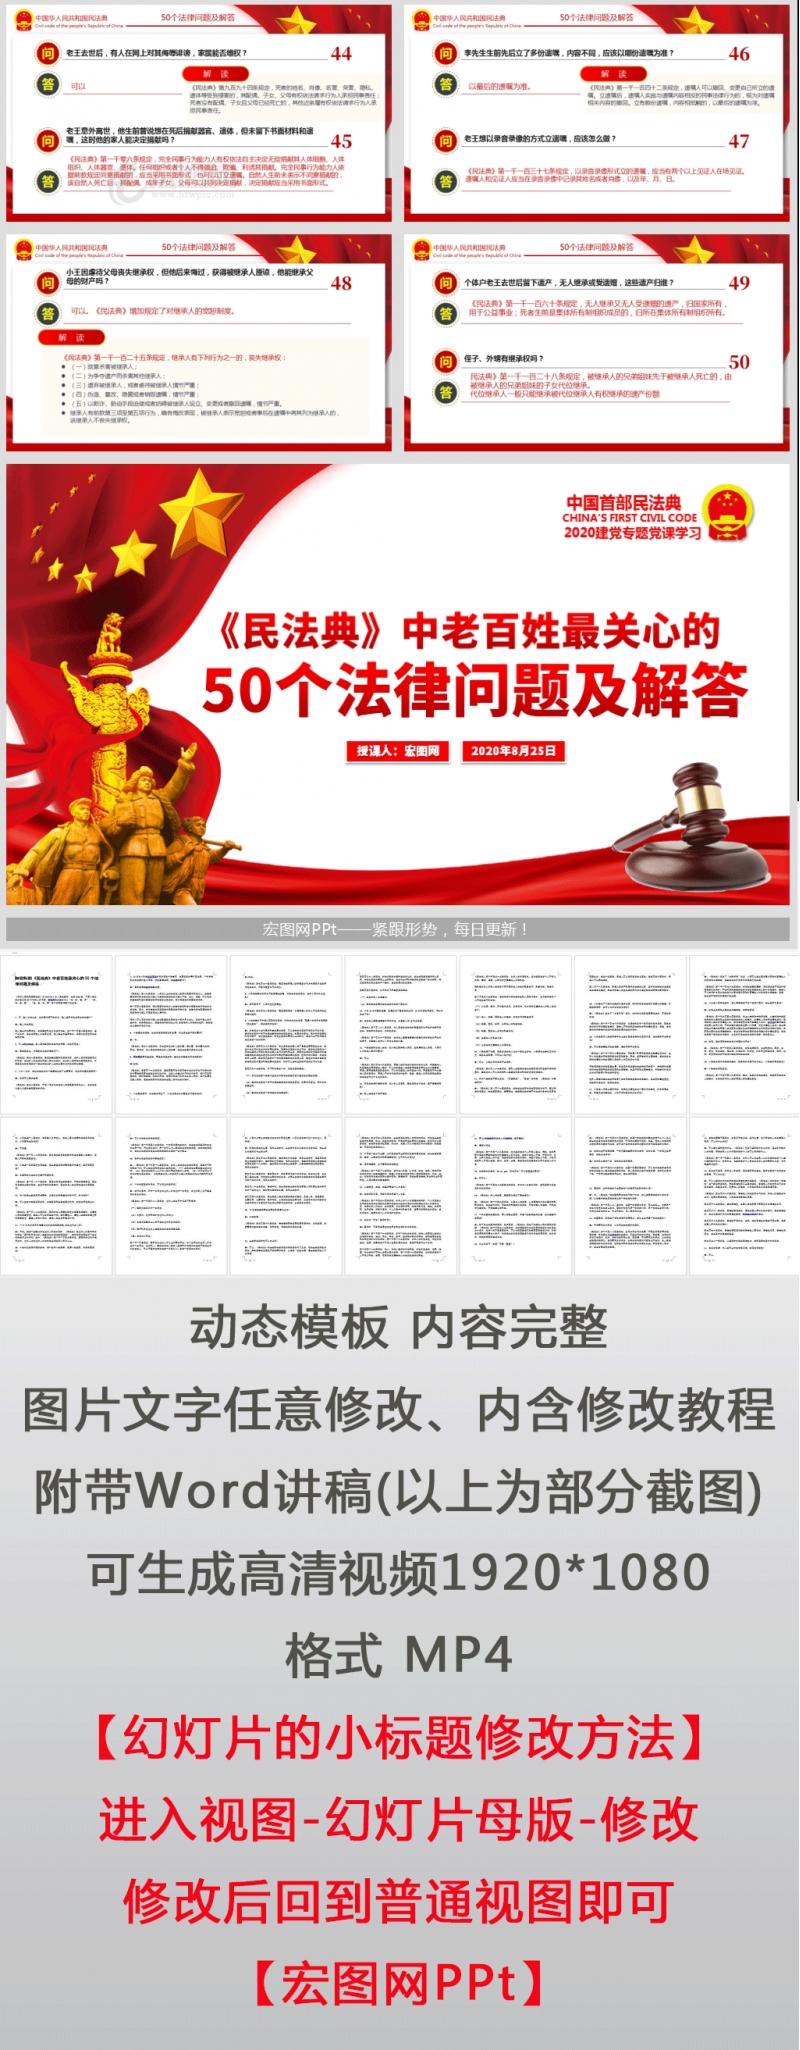 《民法典》中老百姓最关心的50个法律问题及解答微党课讲稿PPT